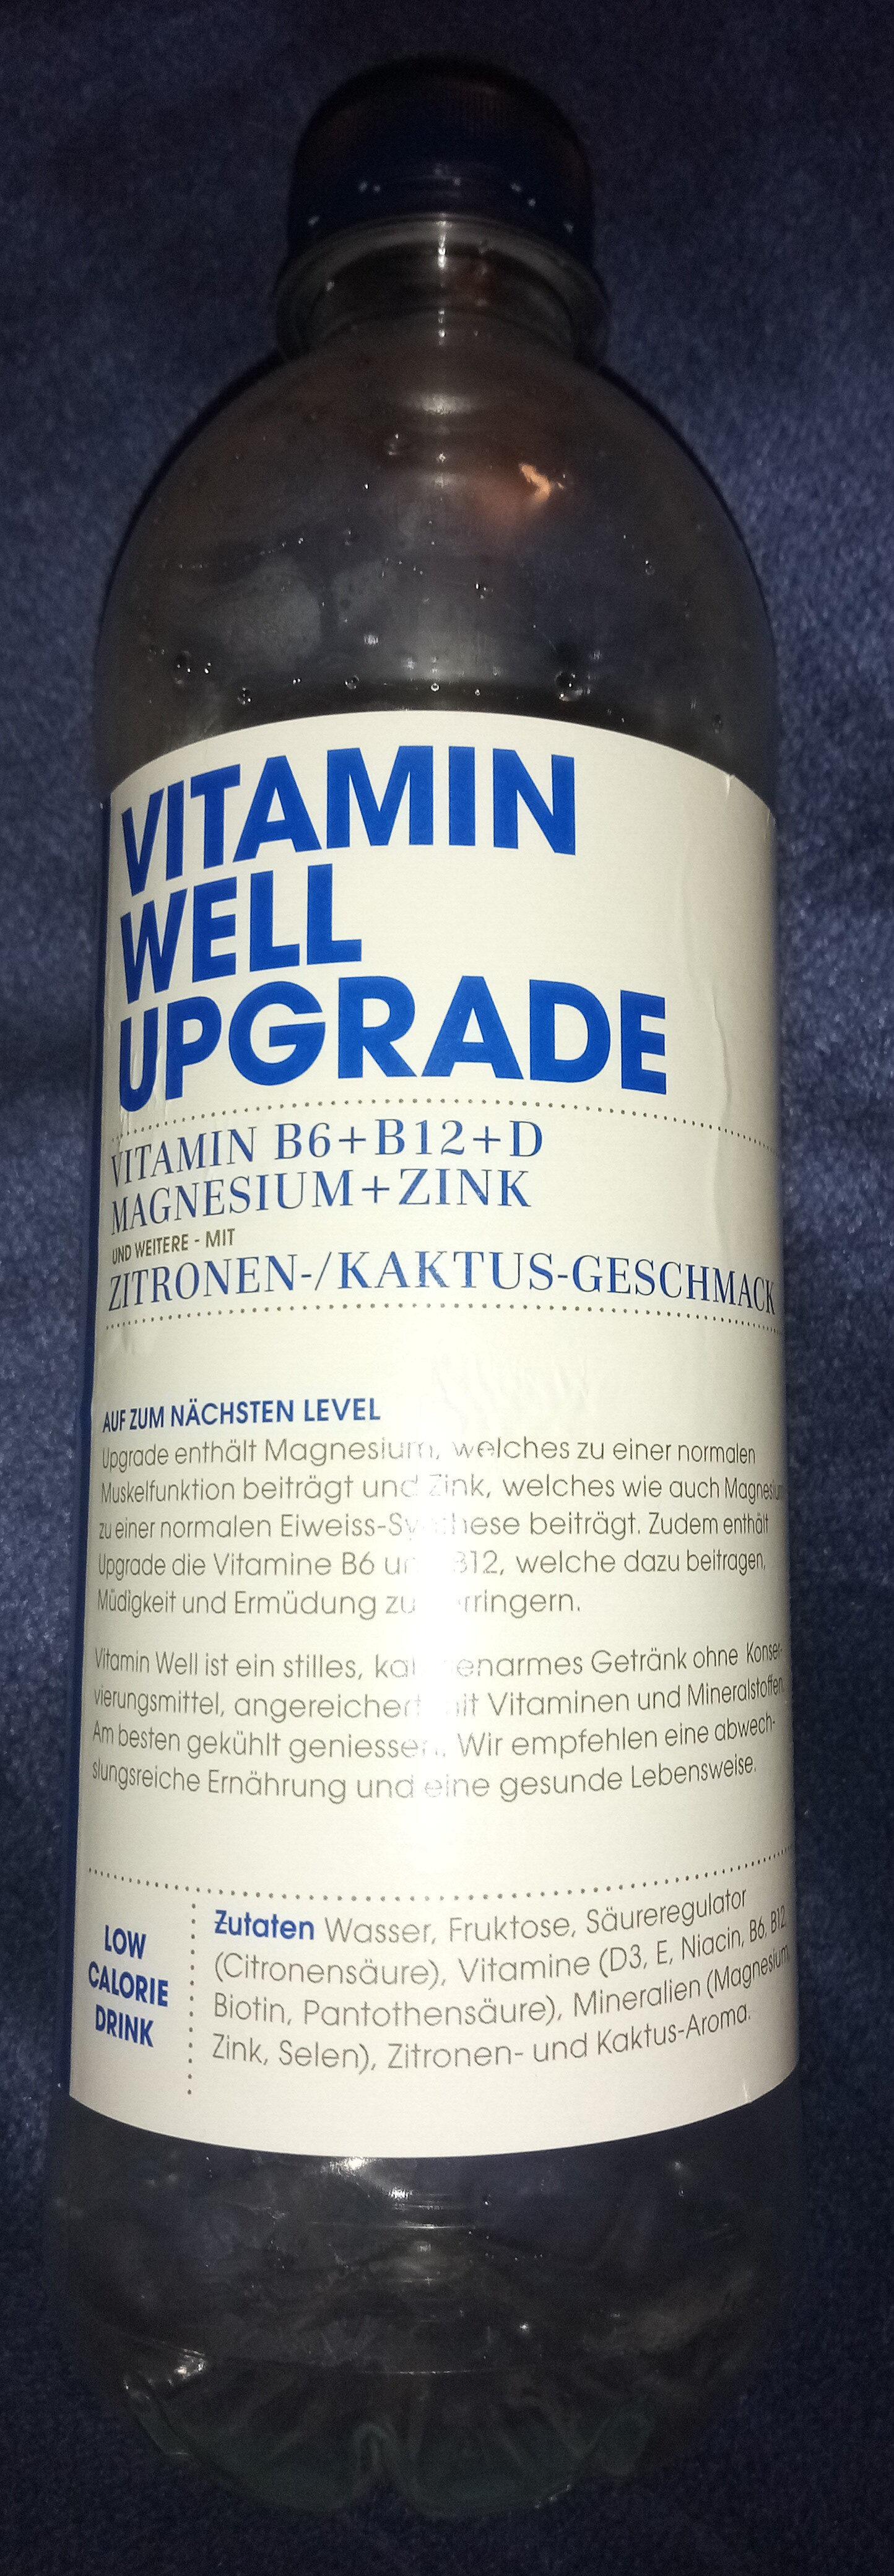 Vitamin Well Upgrade - Prodotto - de